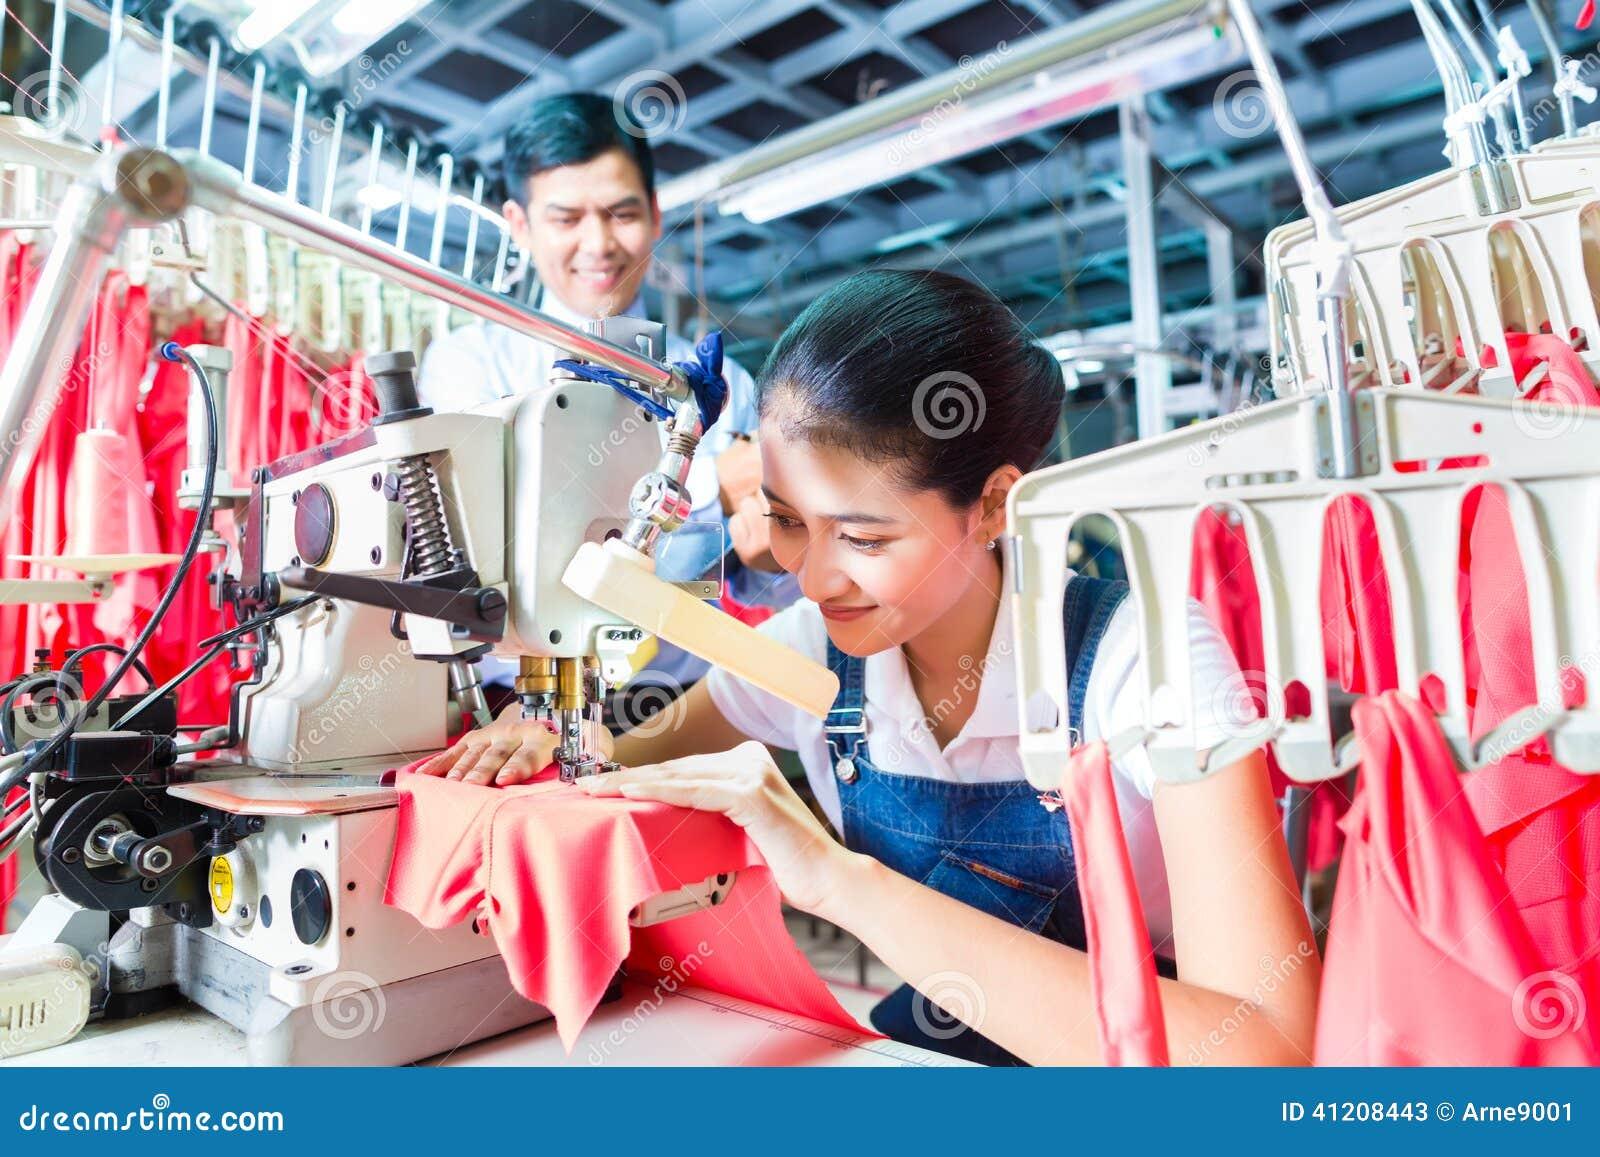 Indonezyjska szwaczka w Azjatyckiej tekstylnej fabryce